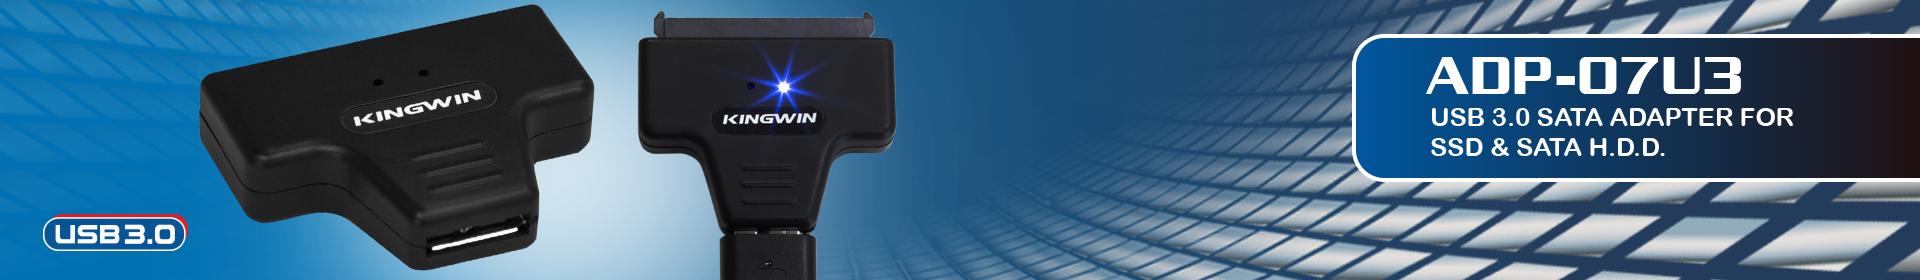 ADP-07U3_Product_Header